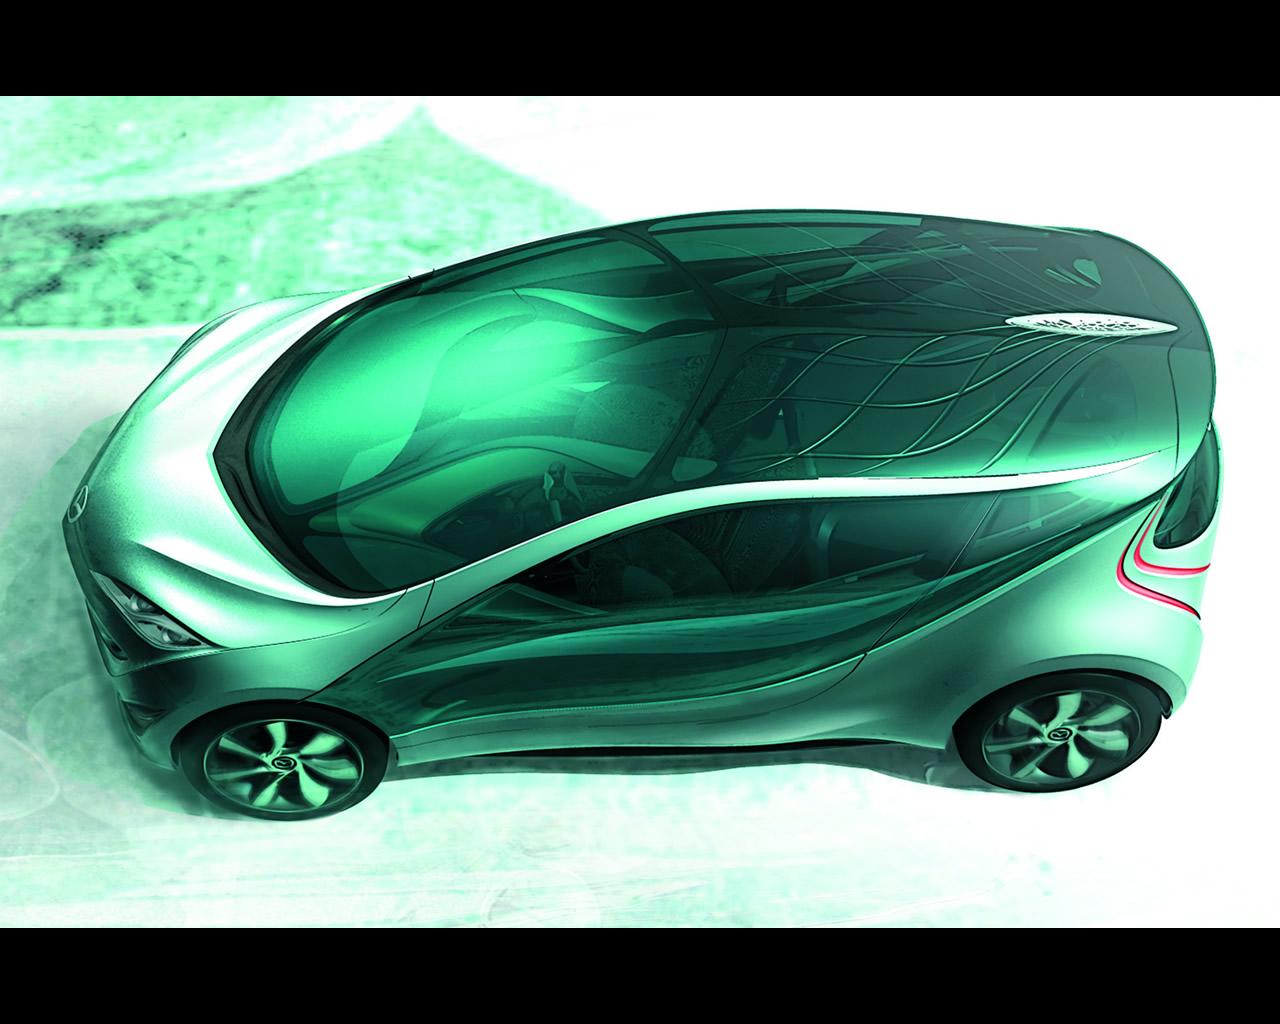 http://autoconcept-reviews.com/cars_reviews/mazda/mazda-kiyora-concept-2008/wallpaper/Mazda_Kiyora_CGI4.jpg